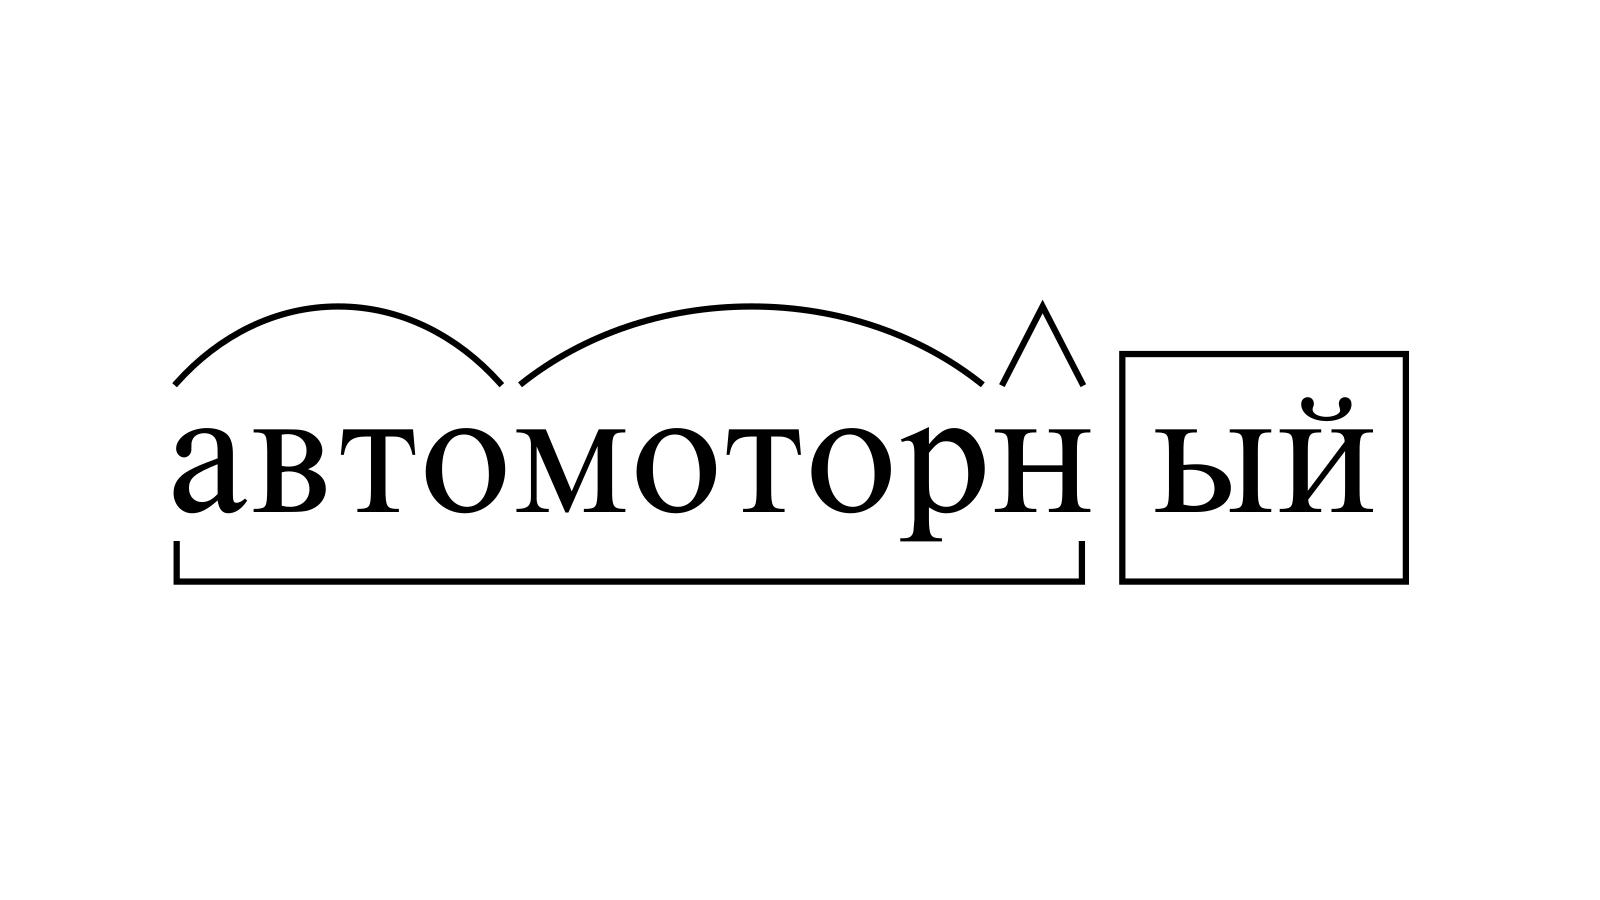 Разбор слова «автомоторный» по составу